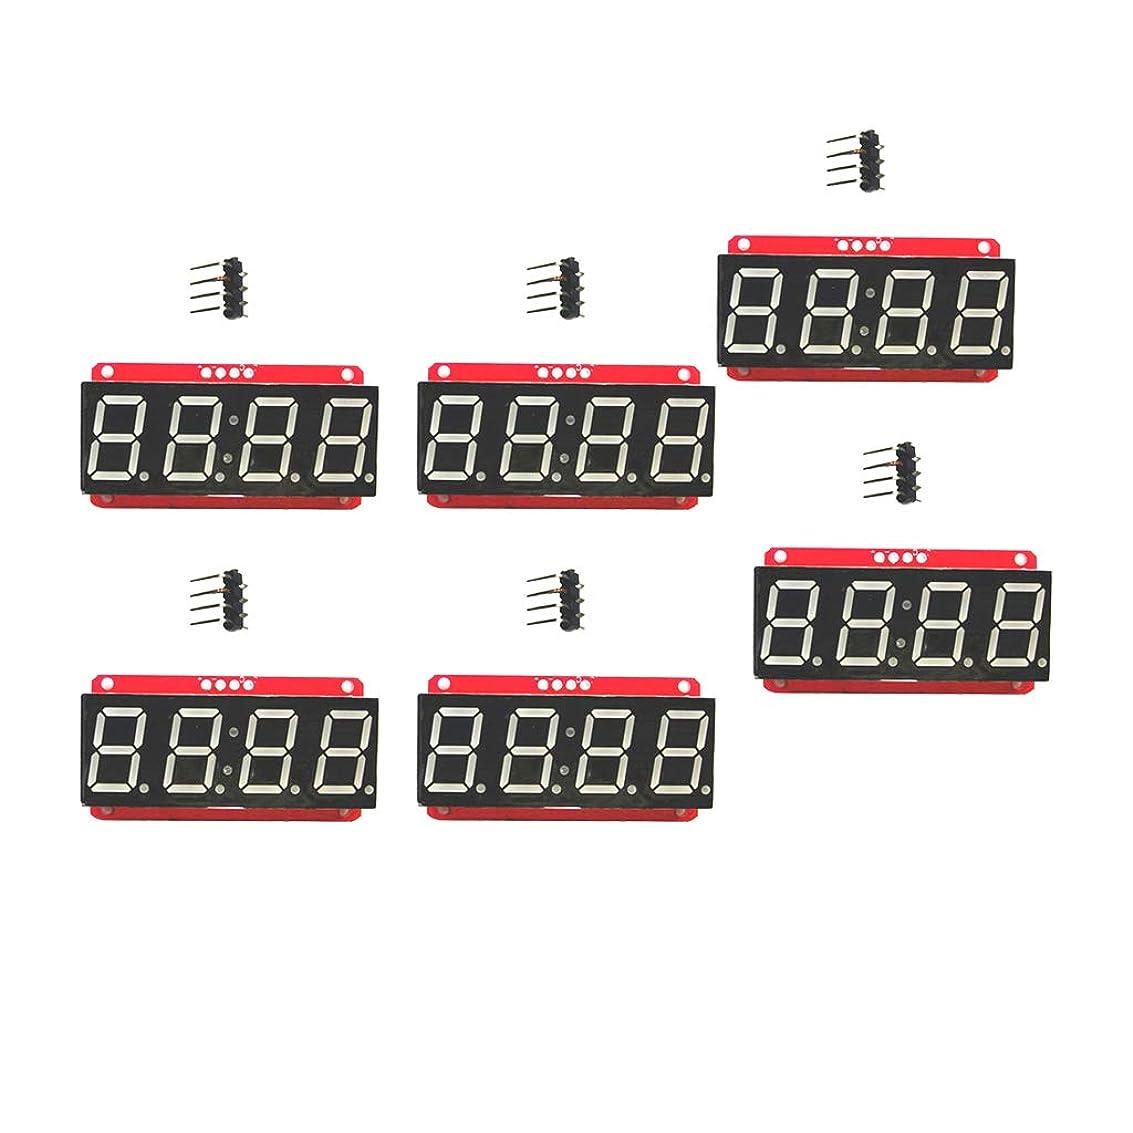 クライアント音声学サーマルArduino用 6個 LEDセグメント表示器 4桁 LEDモジュール HT16K33 I2C